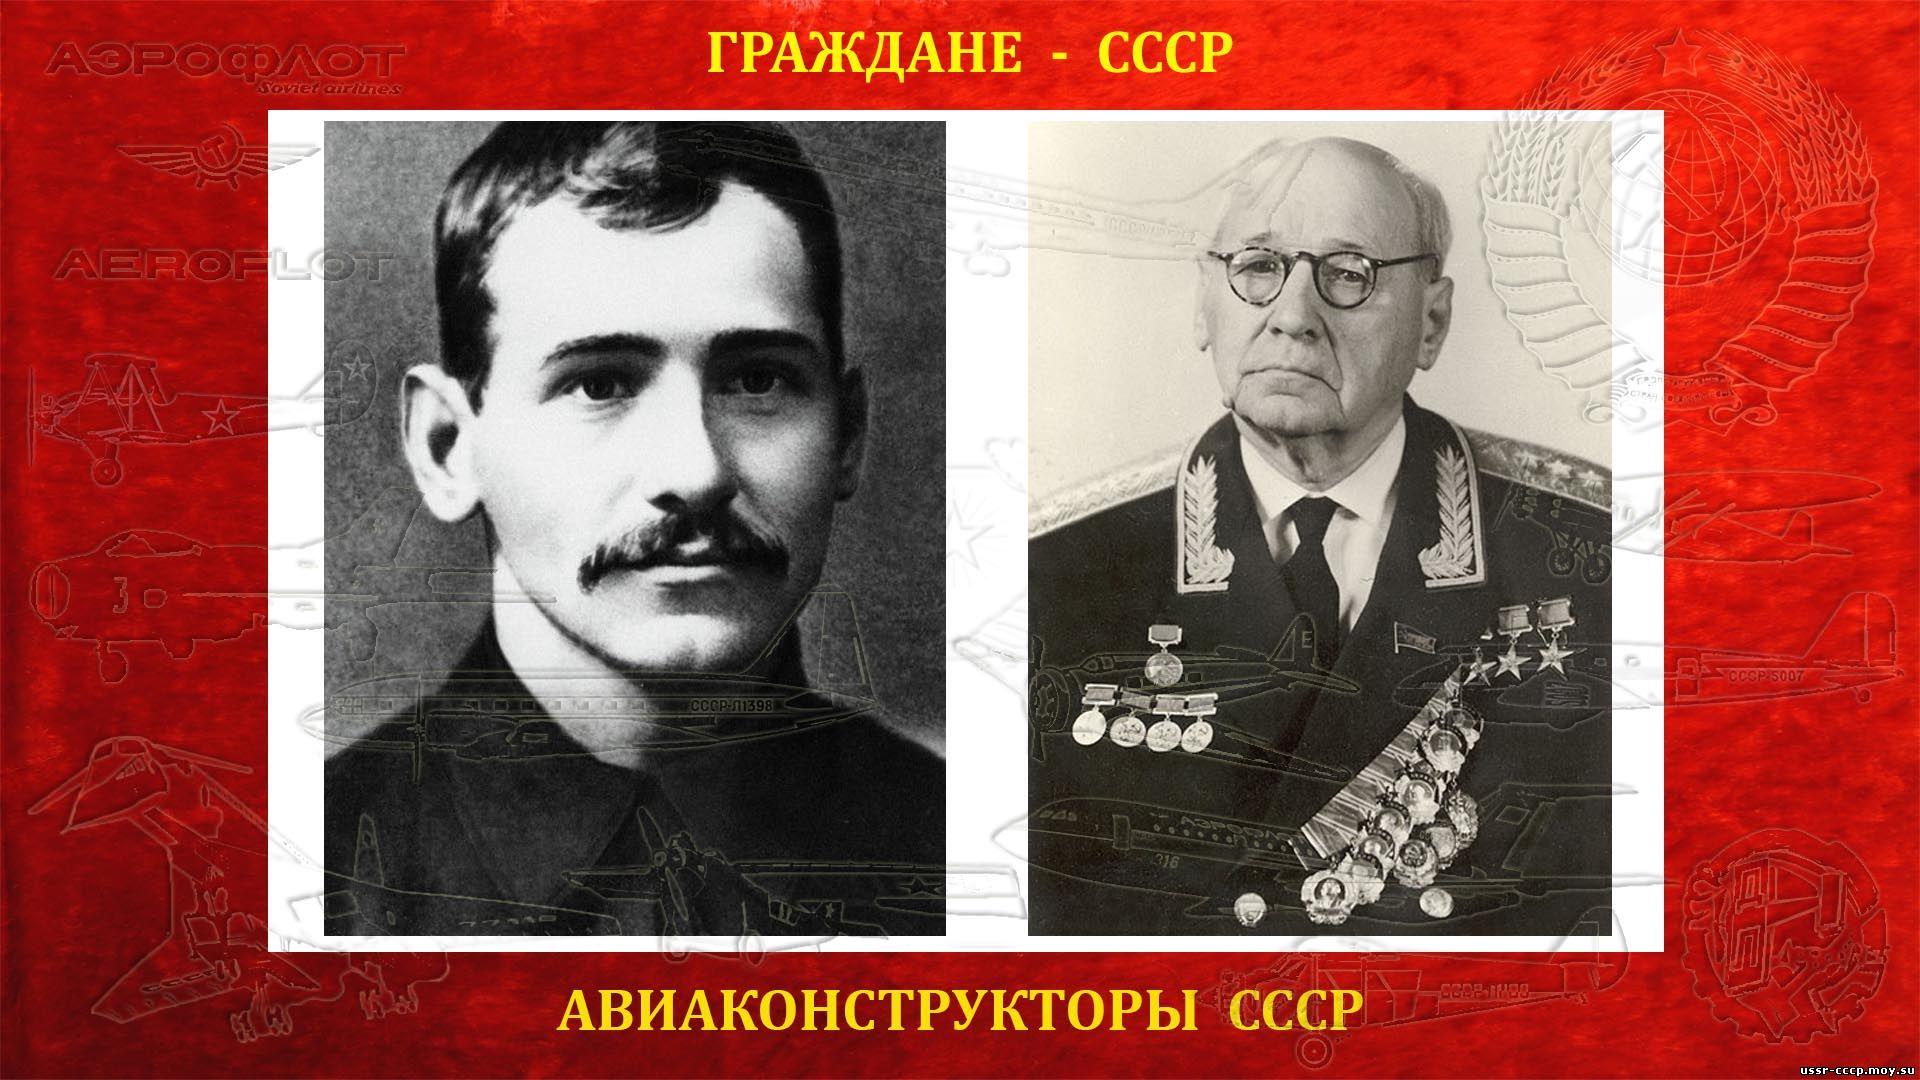 Туполев Андрей Николаевич - Авиаконструктор (10.11.1888 — 23.12.1972) биография))